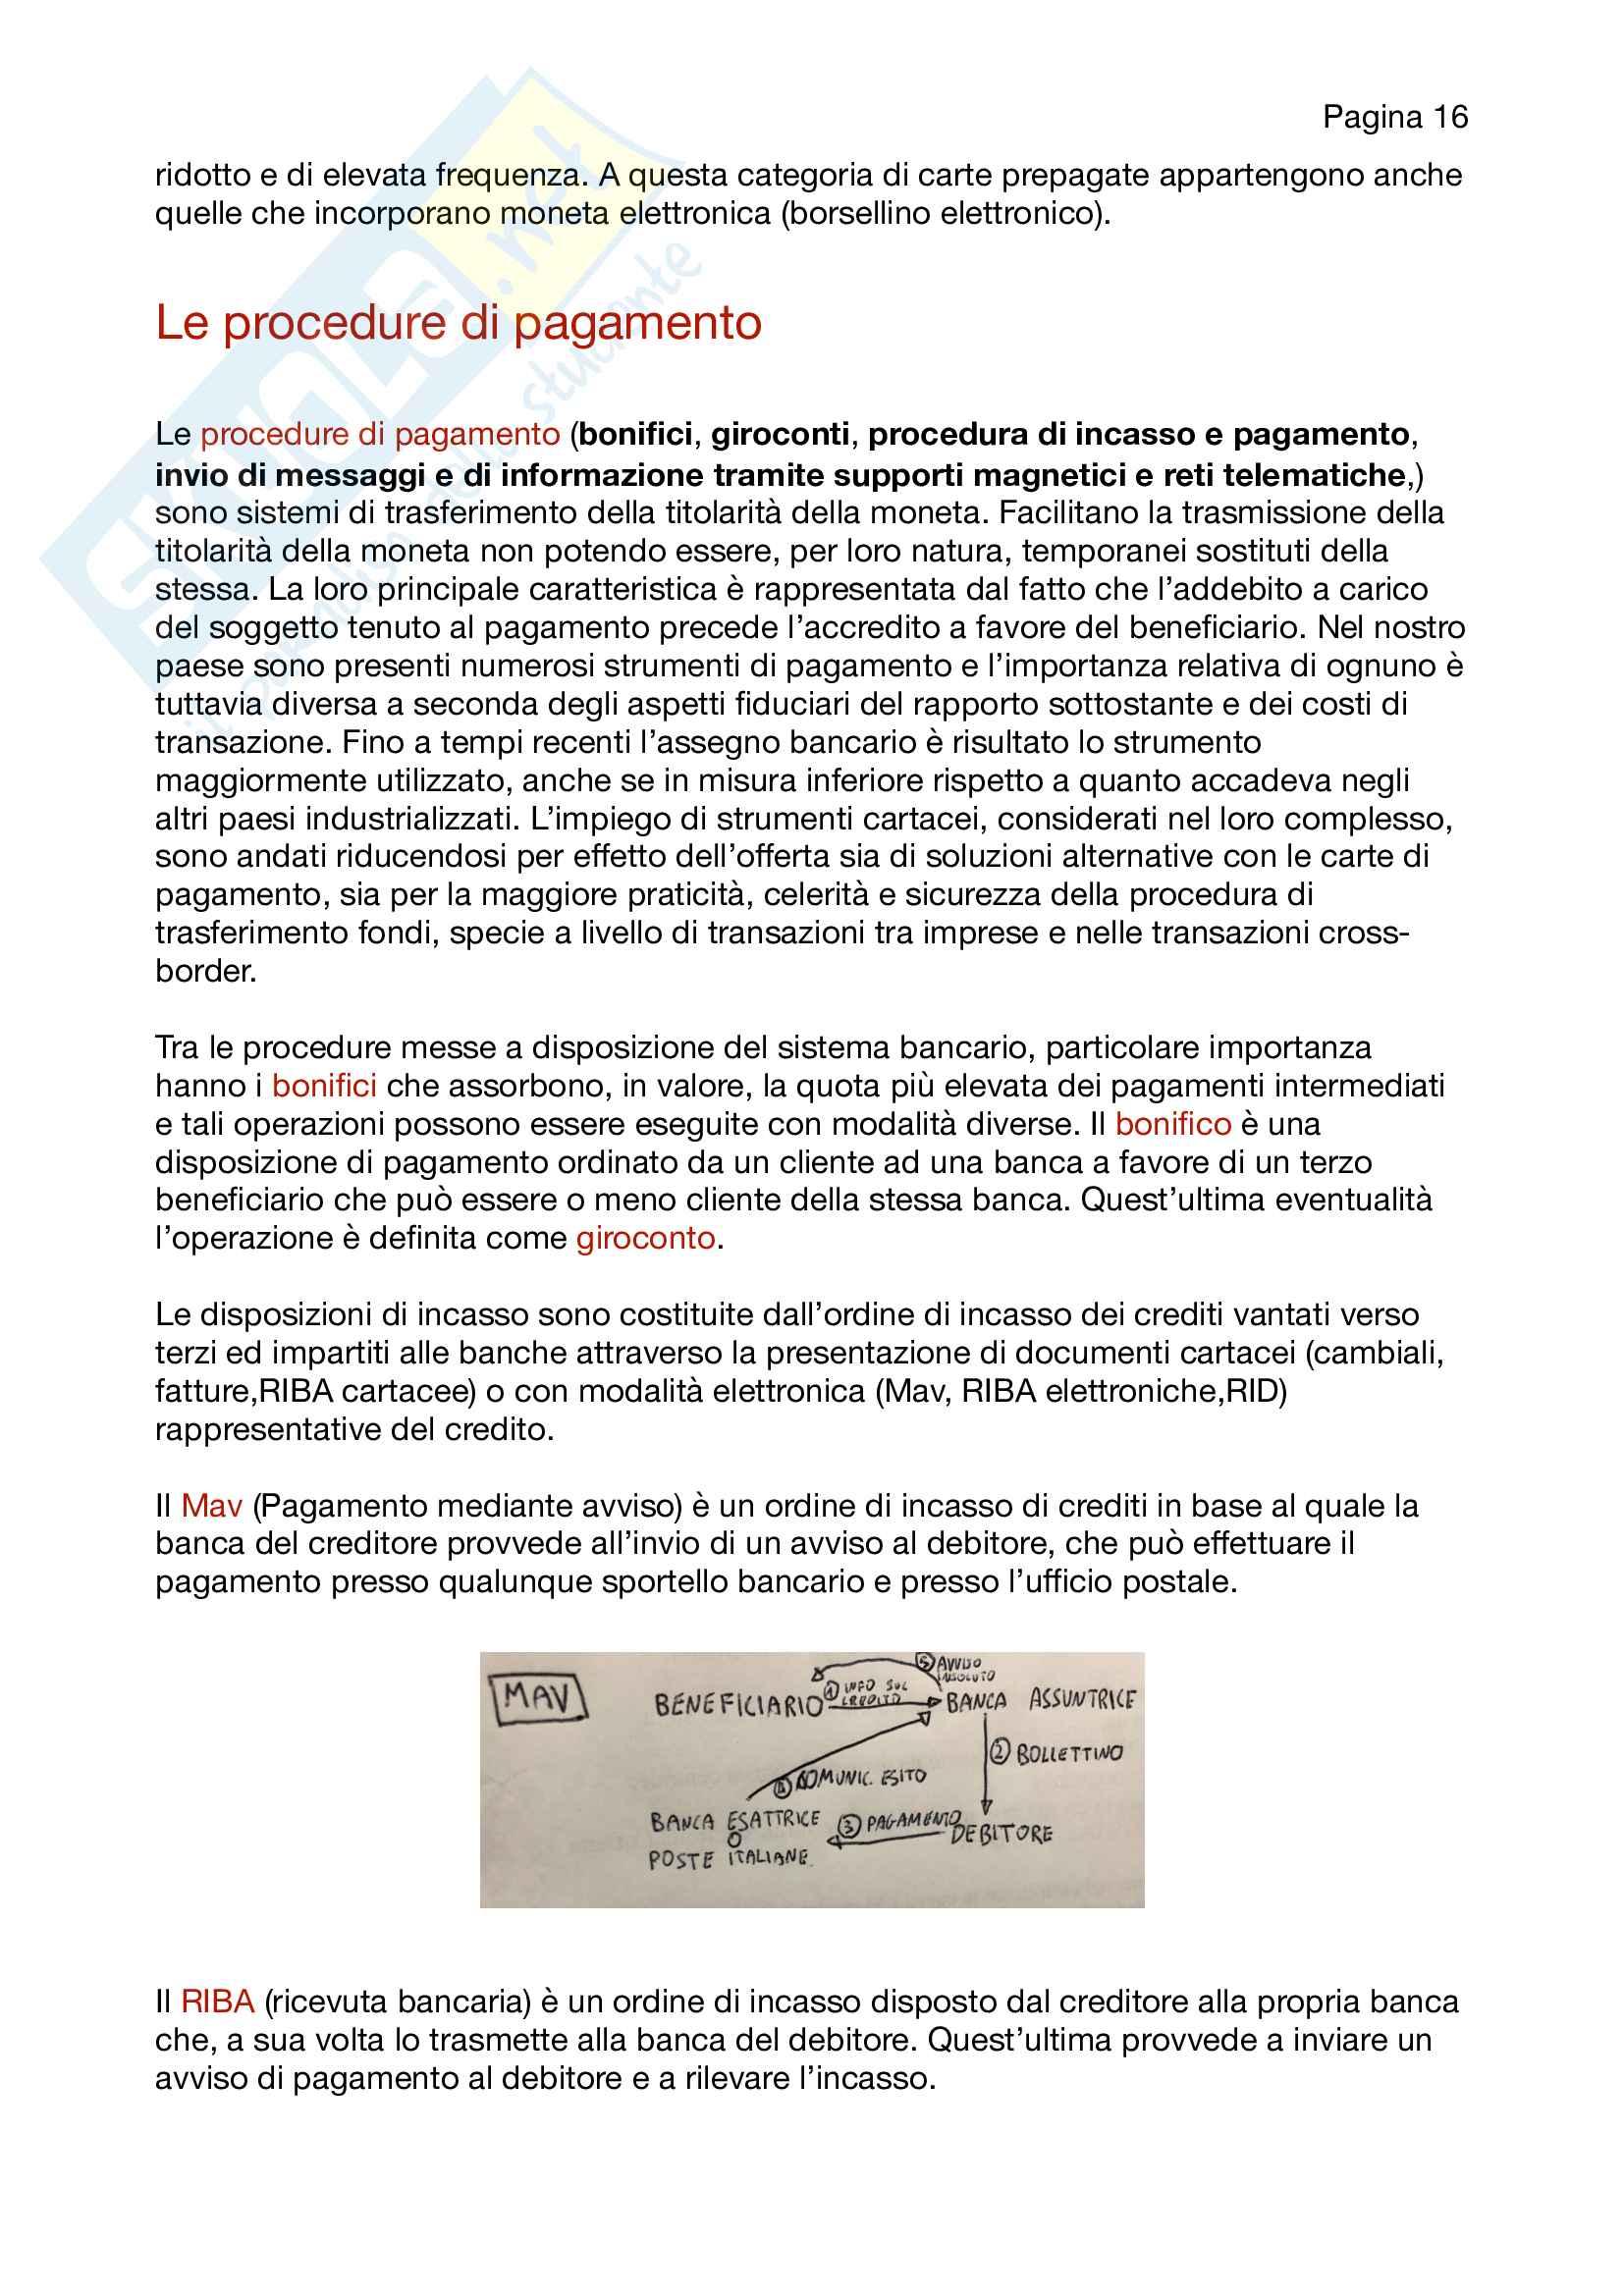 Appunti di economia degli intermediari finanziari Pag. 16